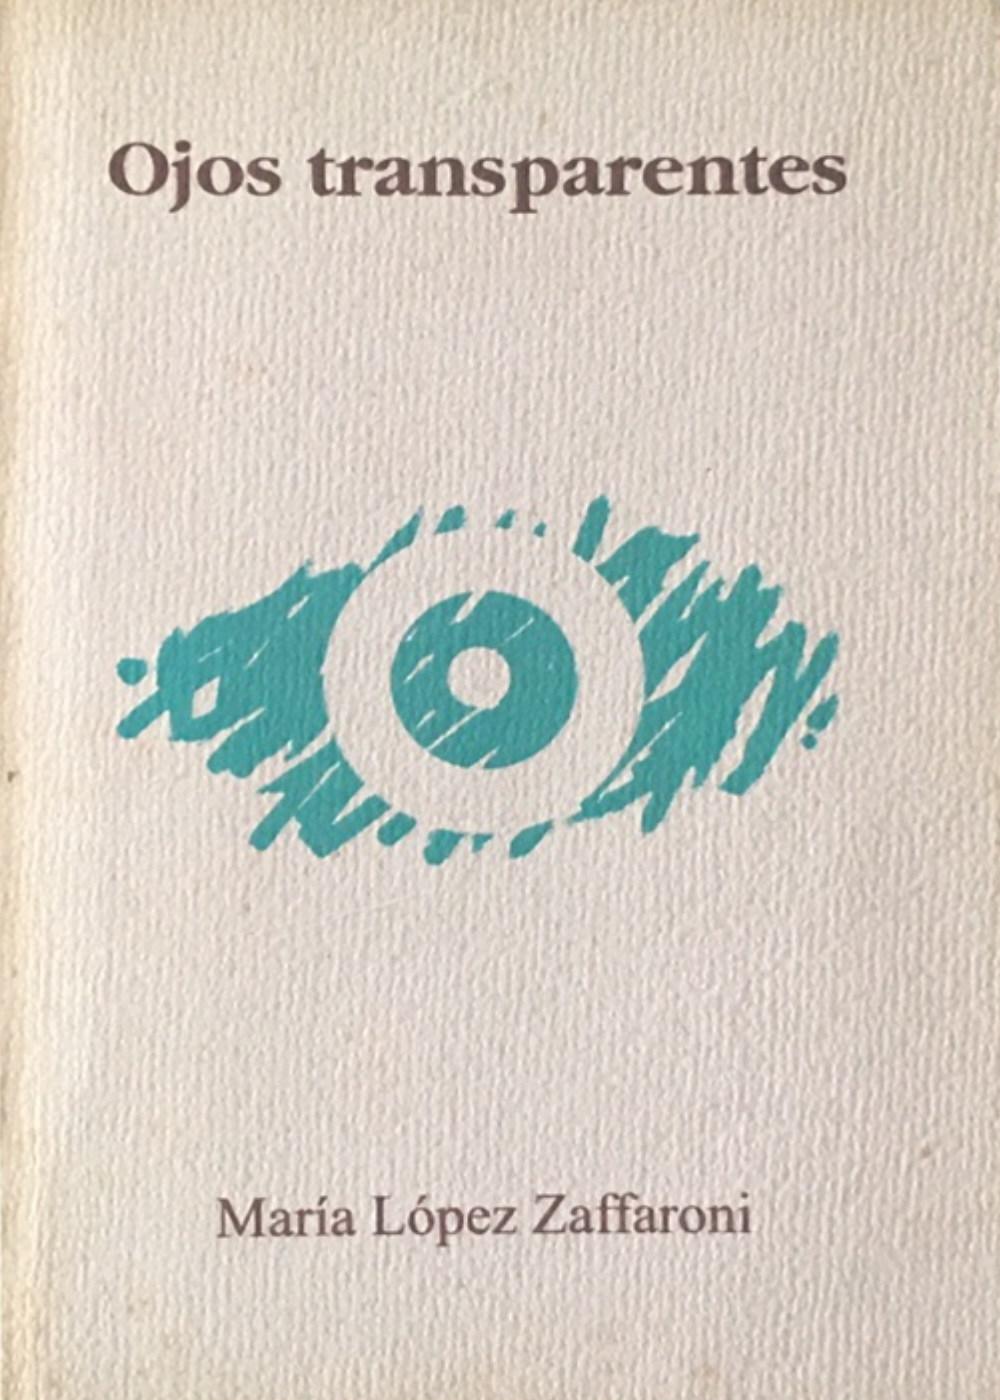 Ojos transparentes